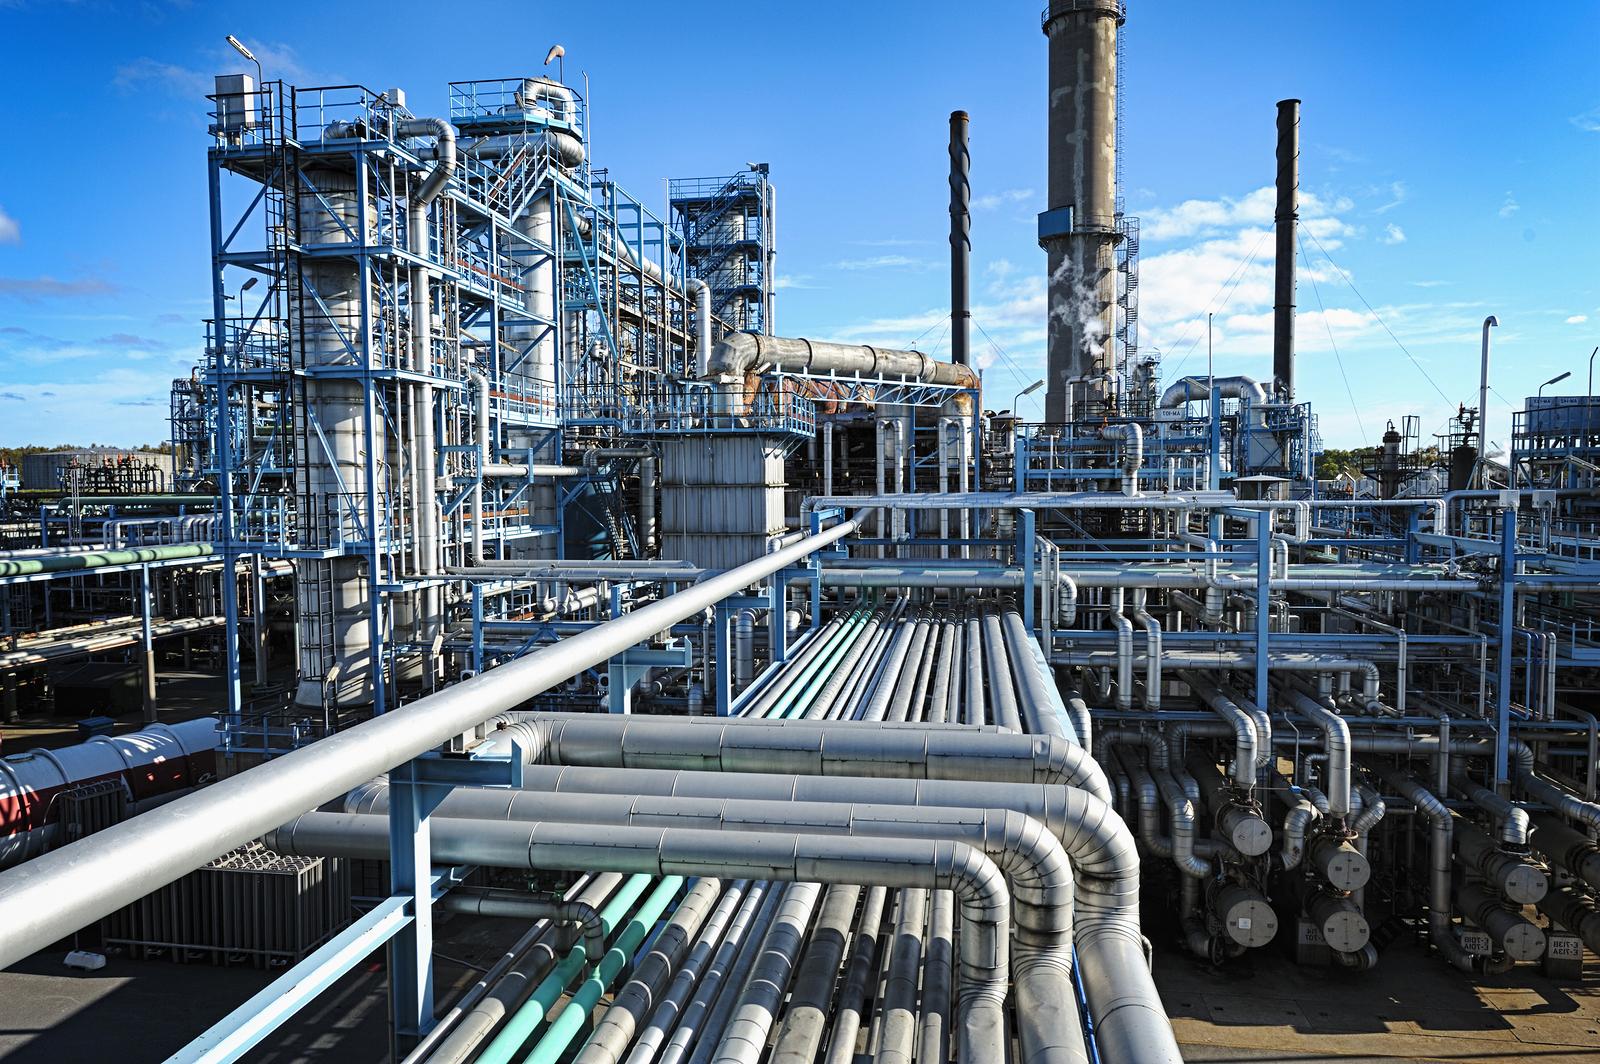 oilandgasfield